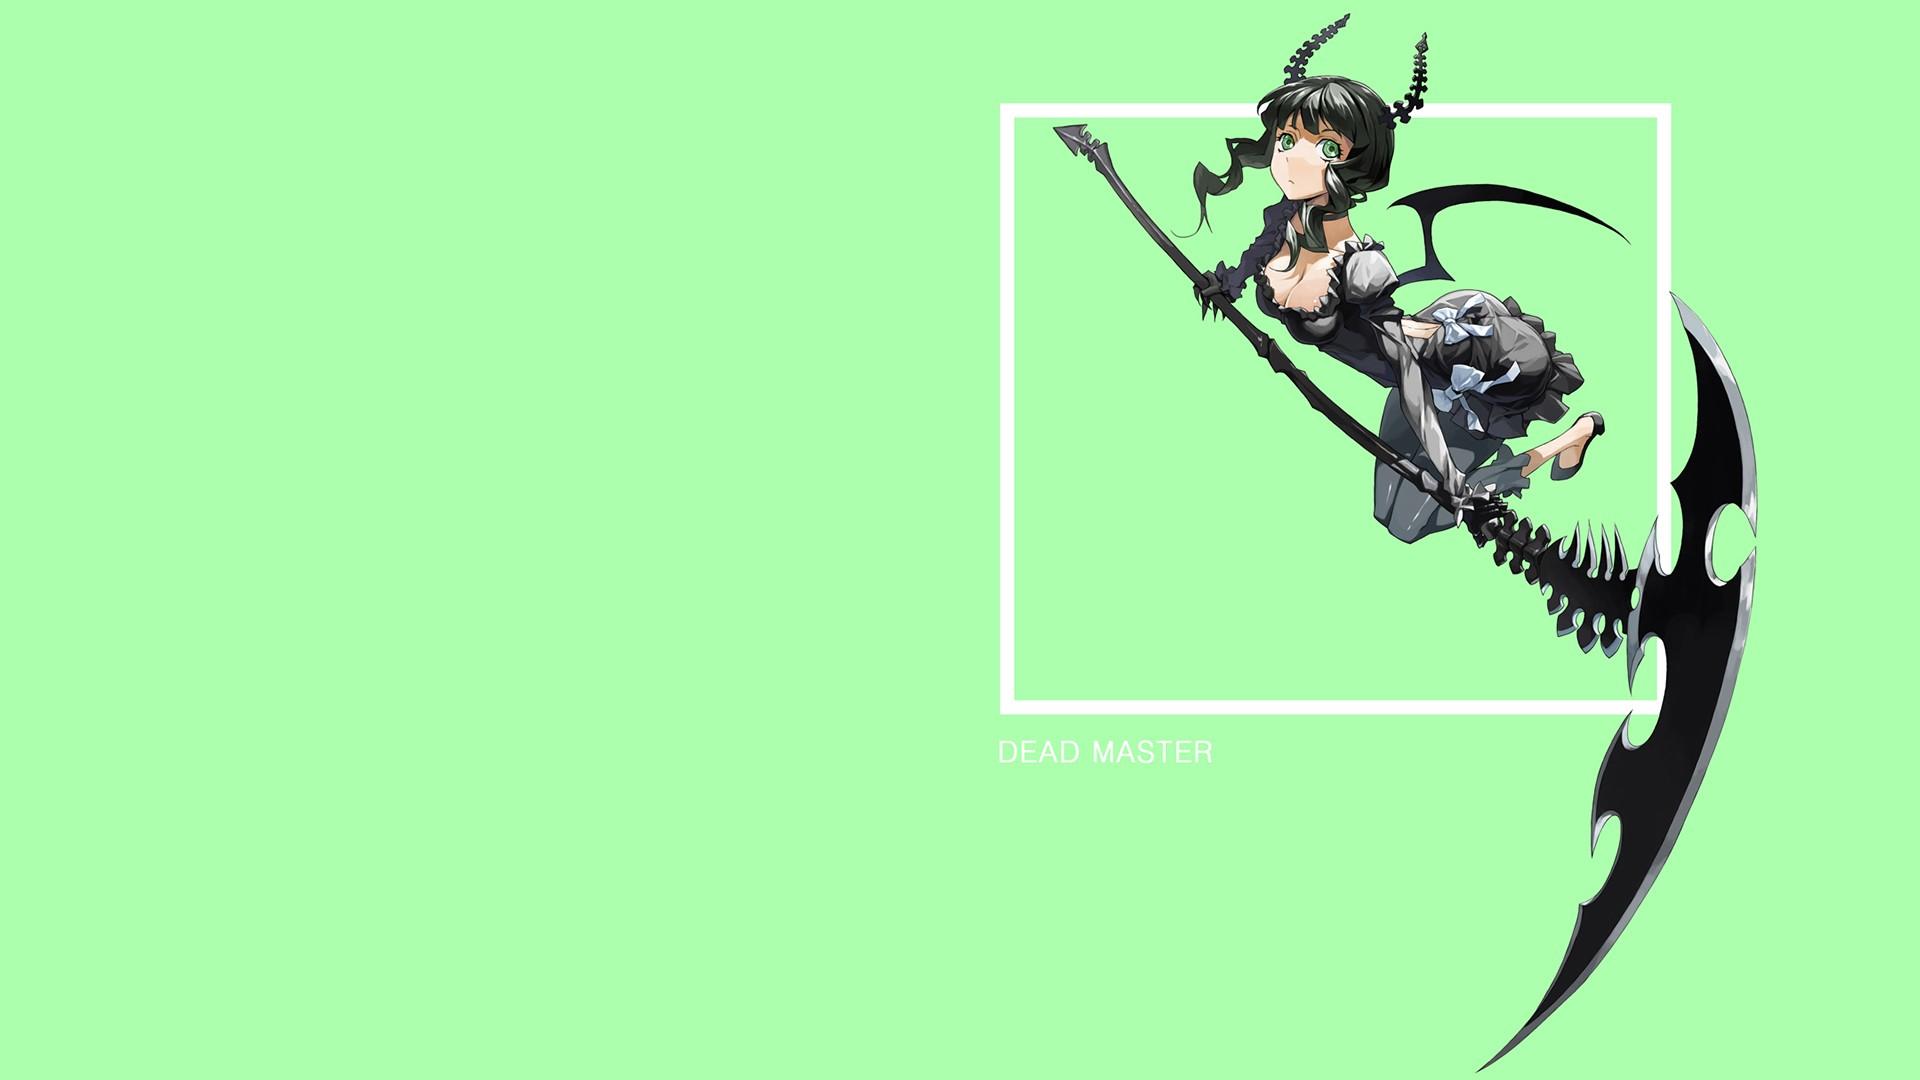 Black rock shooter scythe dead master horns green eyes - Anime scythe wallpaper ...